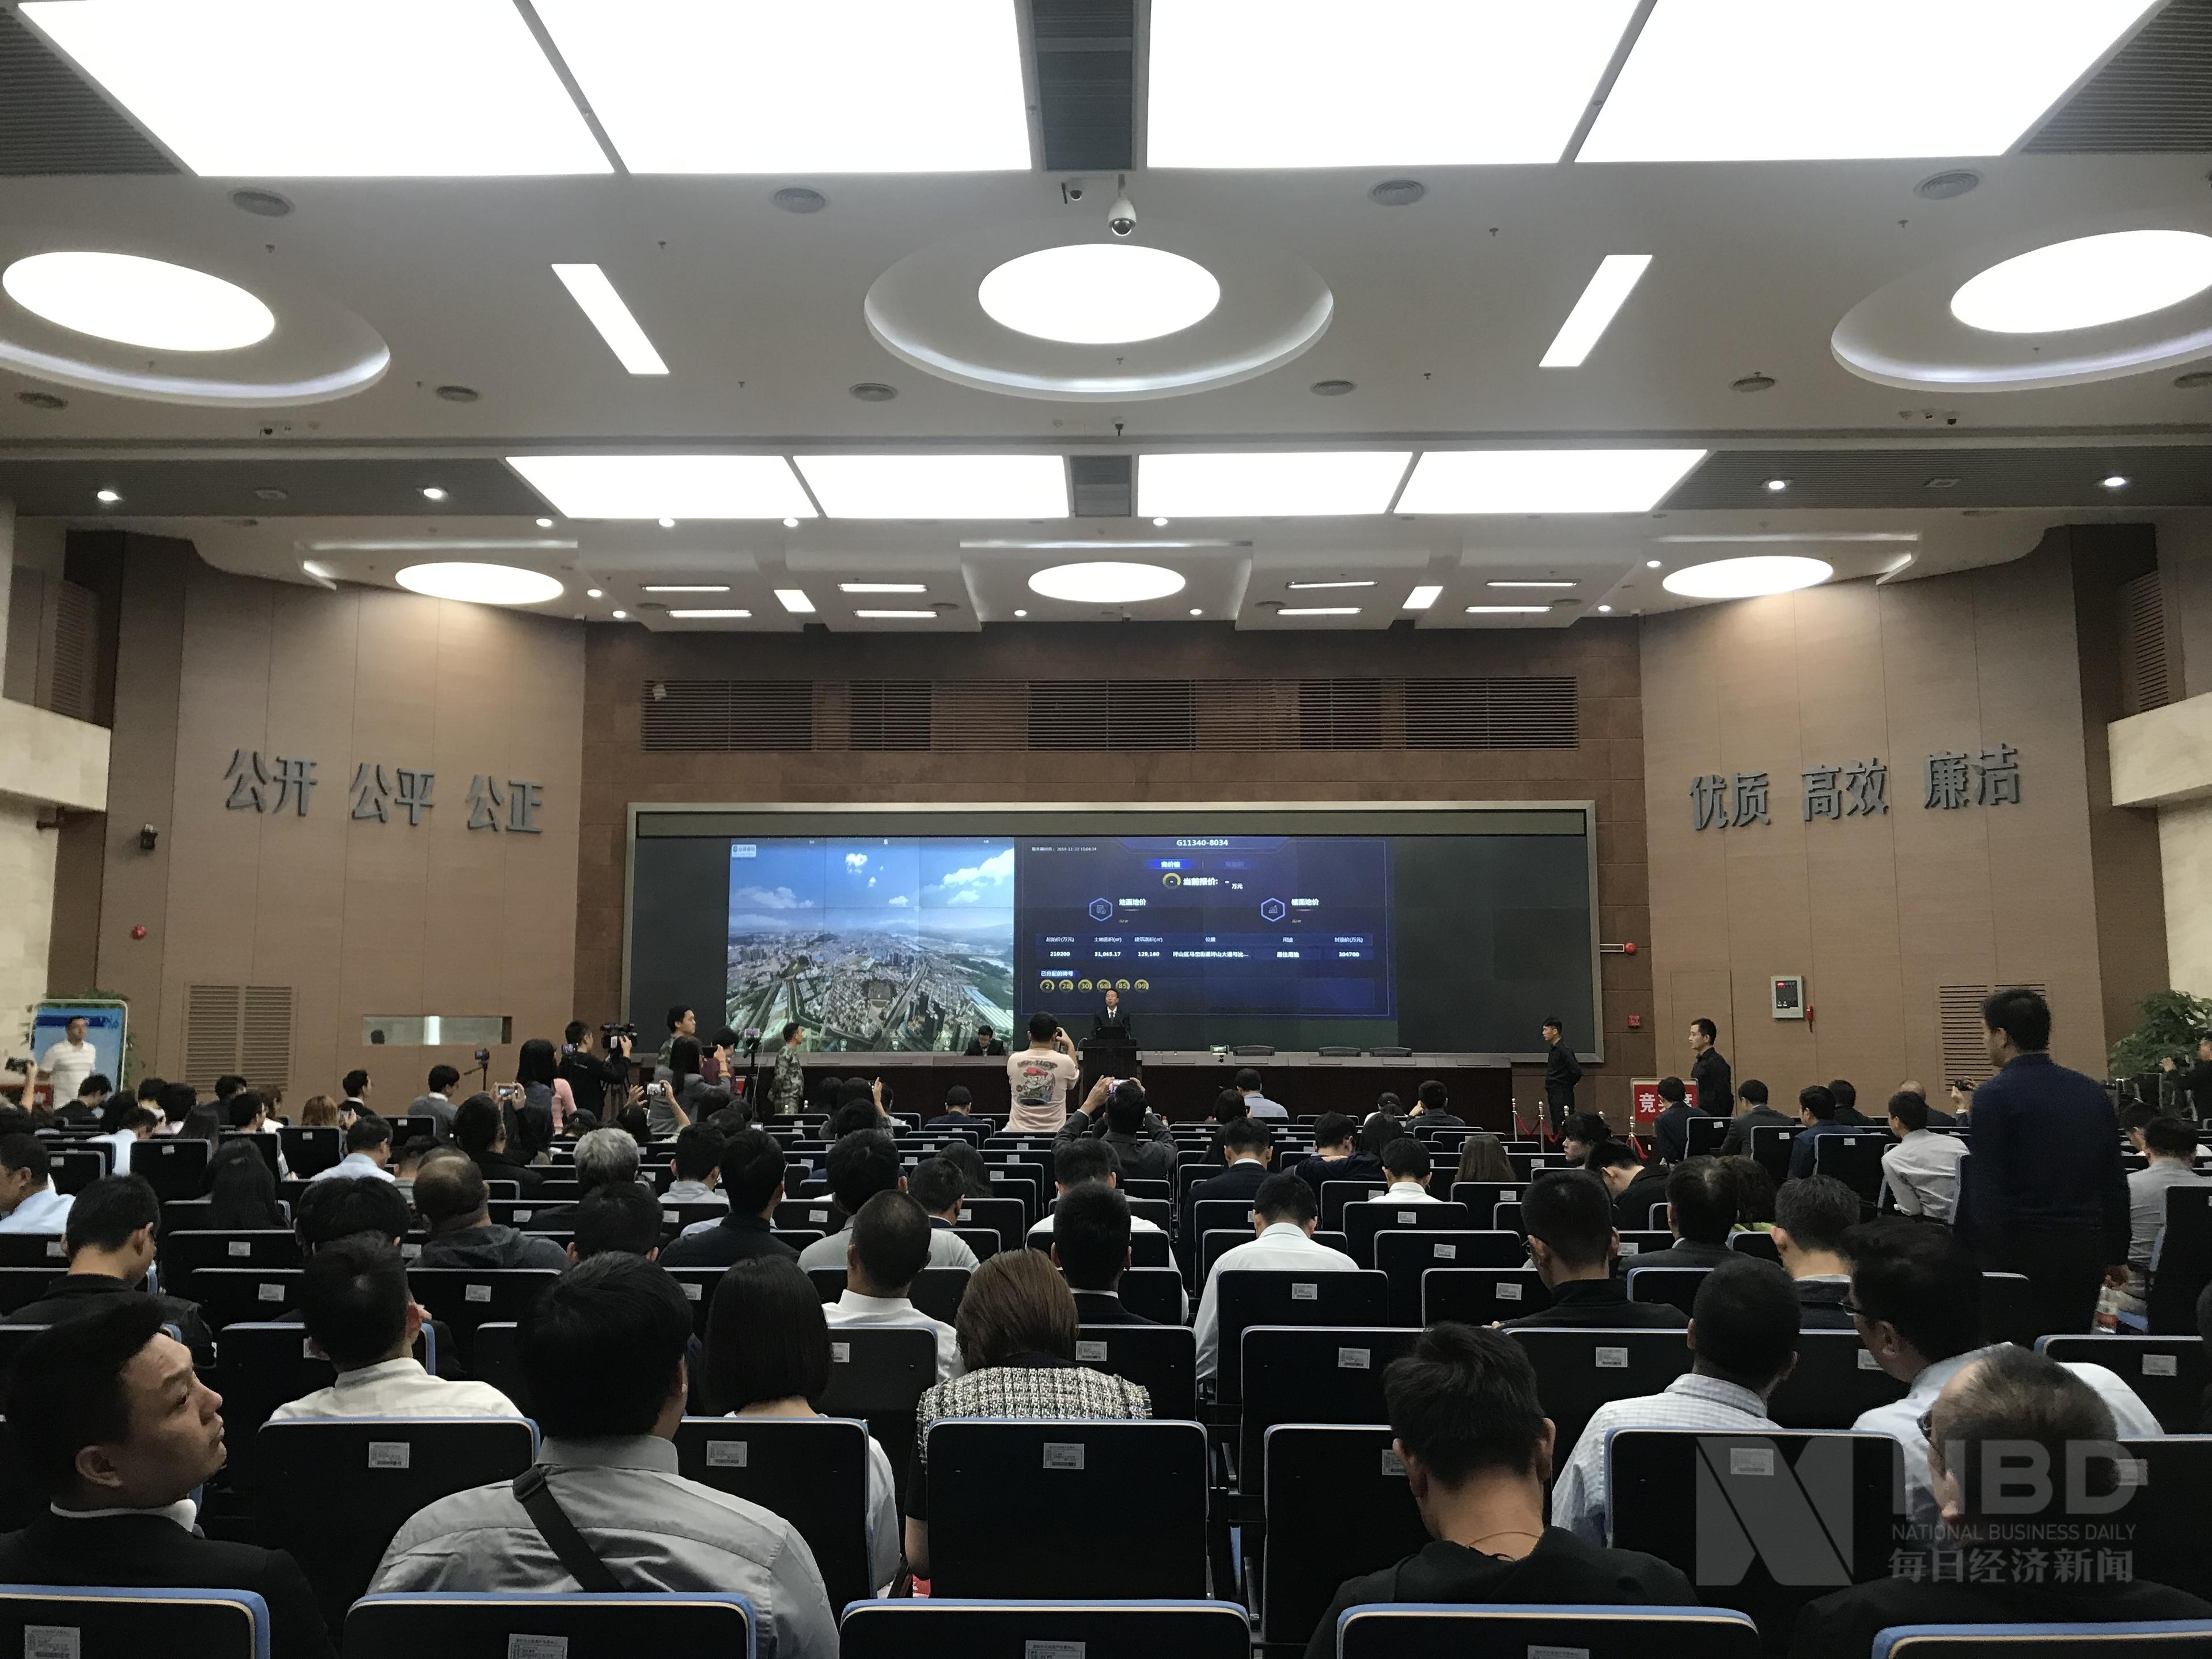 深圳再现大规模土拍:仅十余家房企参与 举牌者寥寥